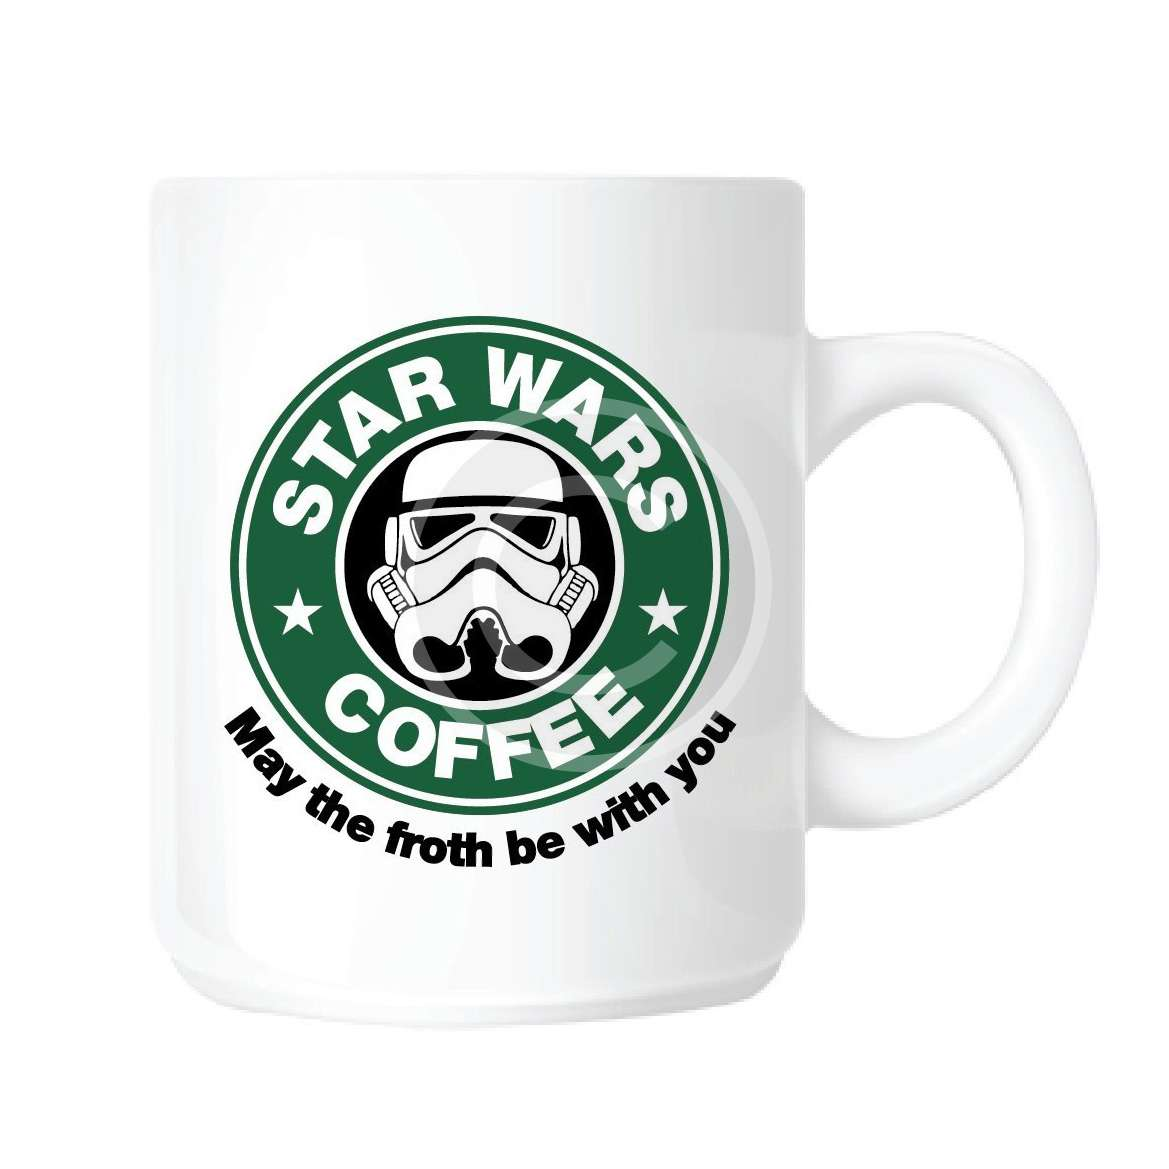 Starbucks_11.jpg